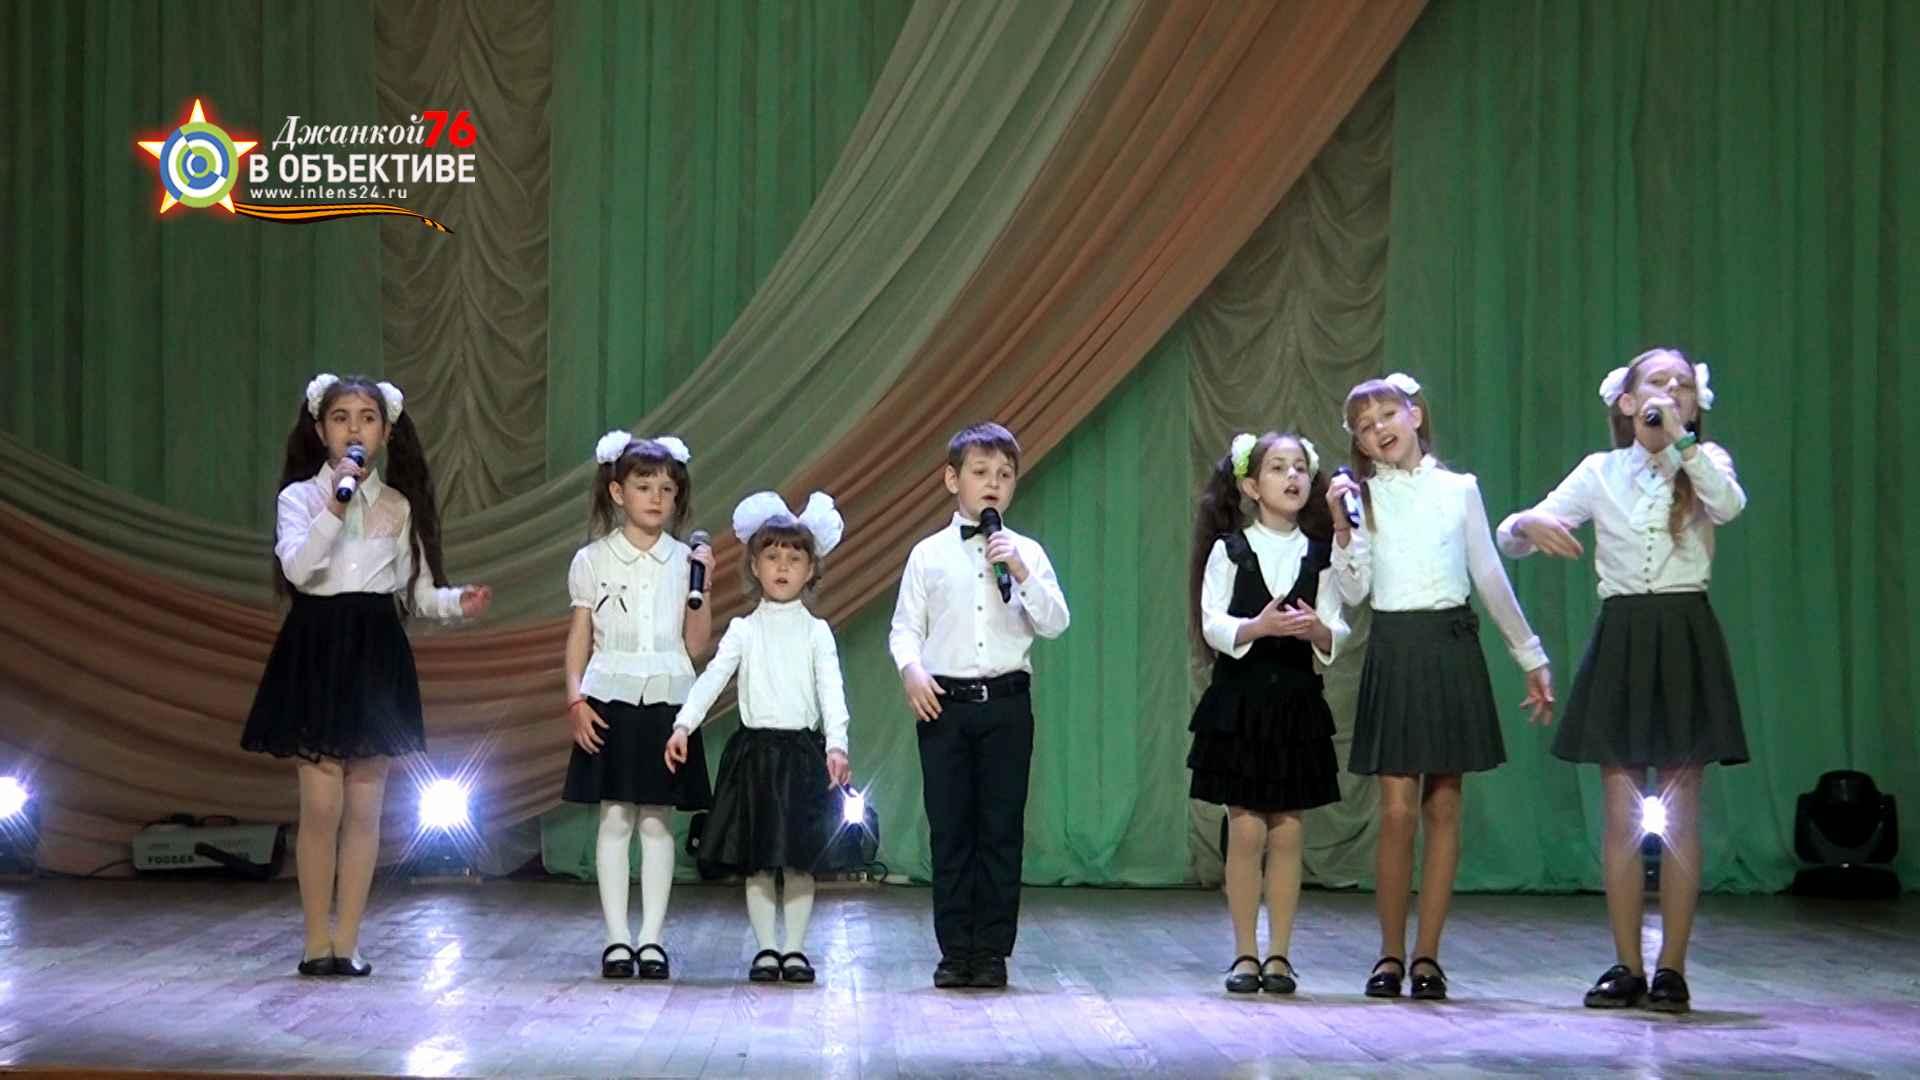 детский концерт Мы славу прадедам поем. Джанкой 2021